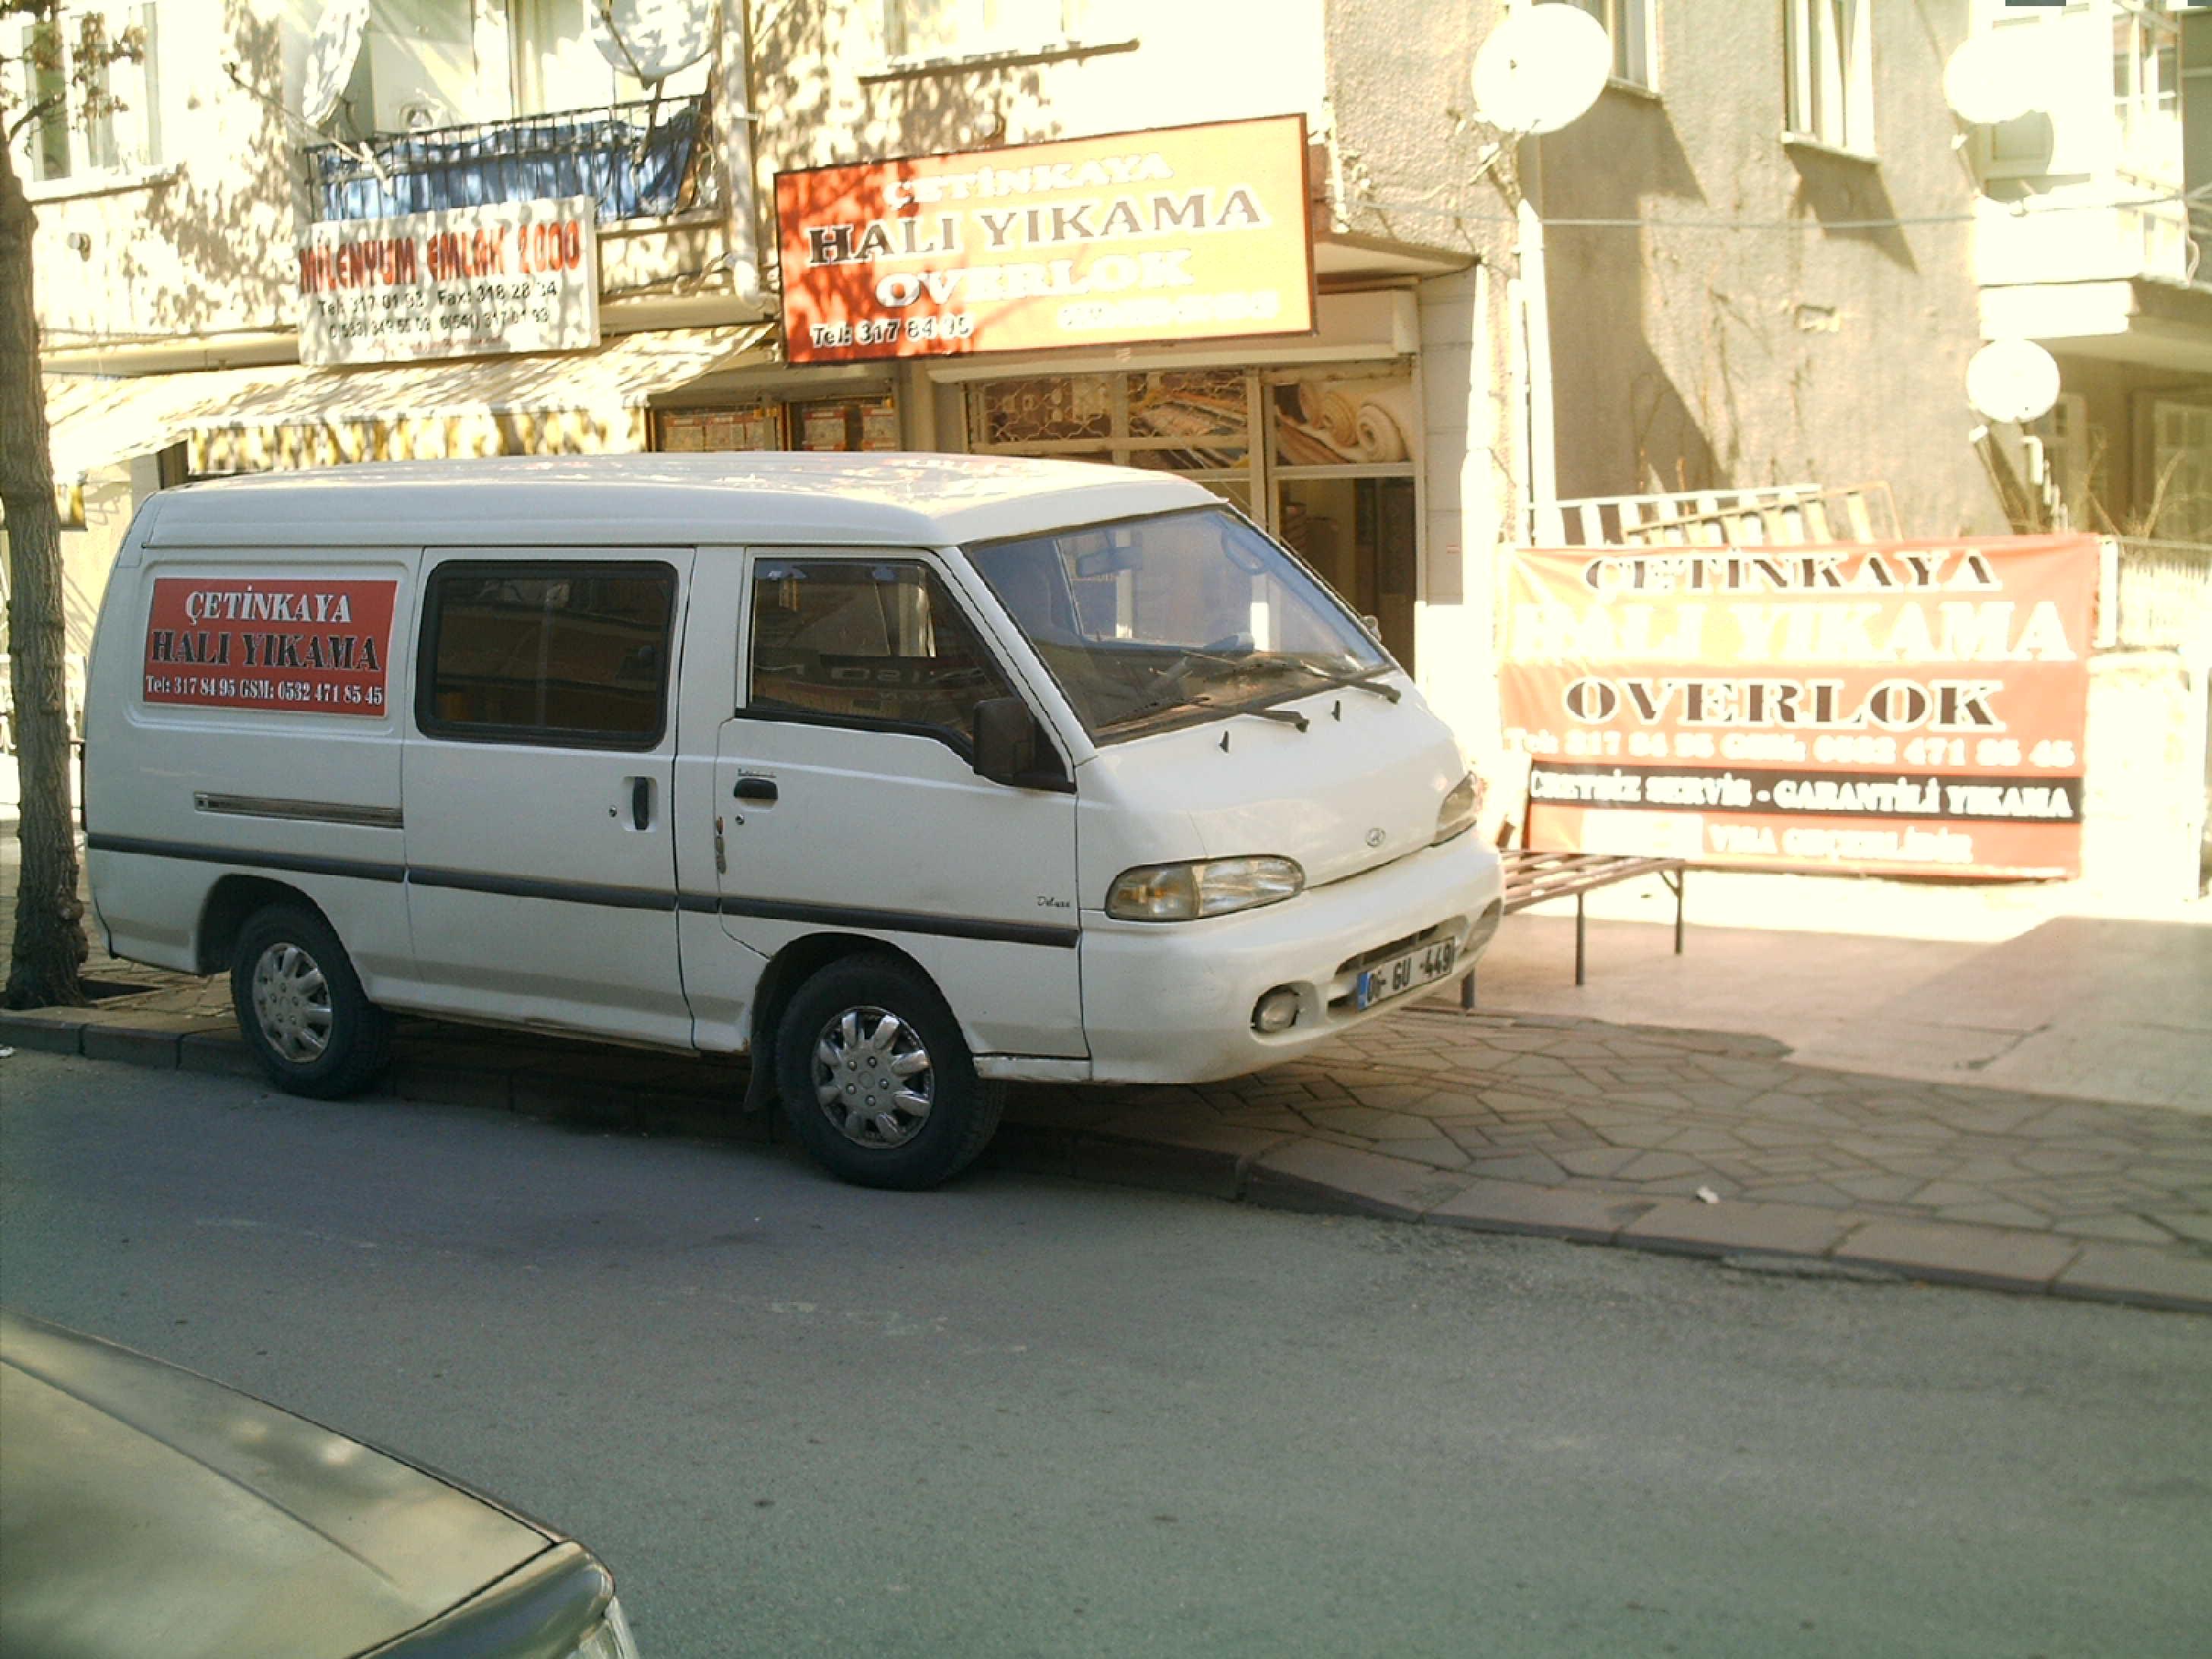 güneşevler_hali_yikama_servis-1 (1)